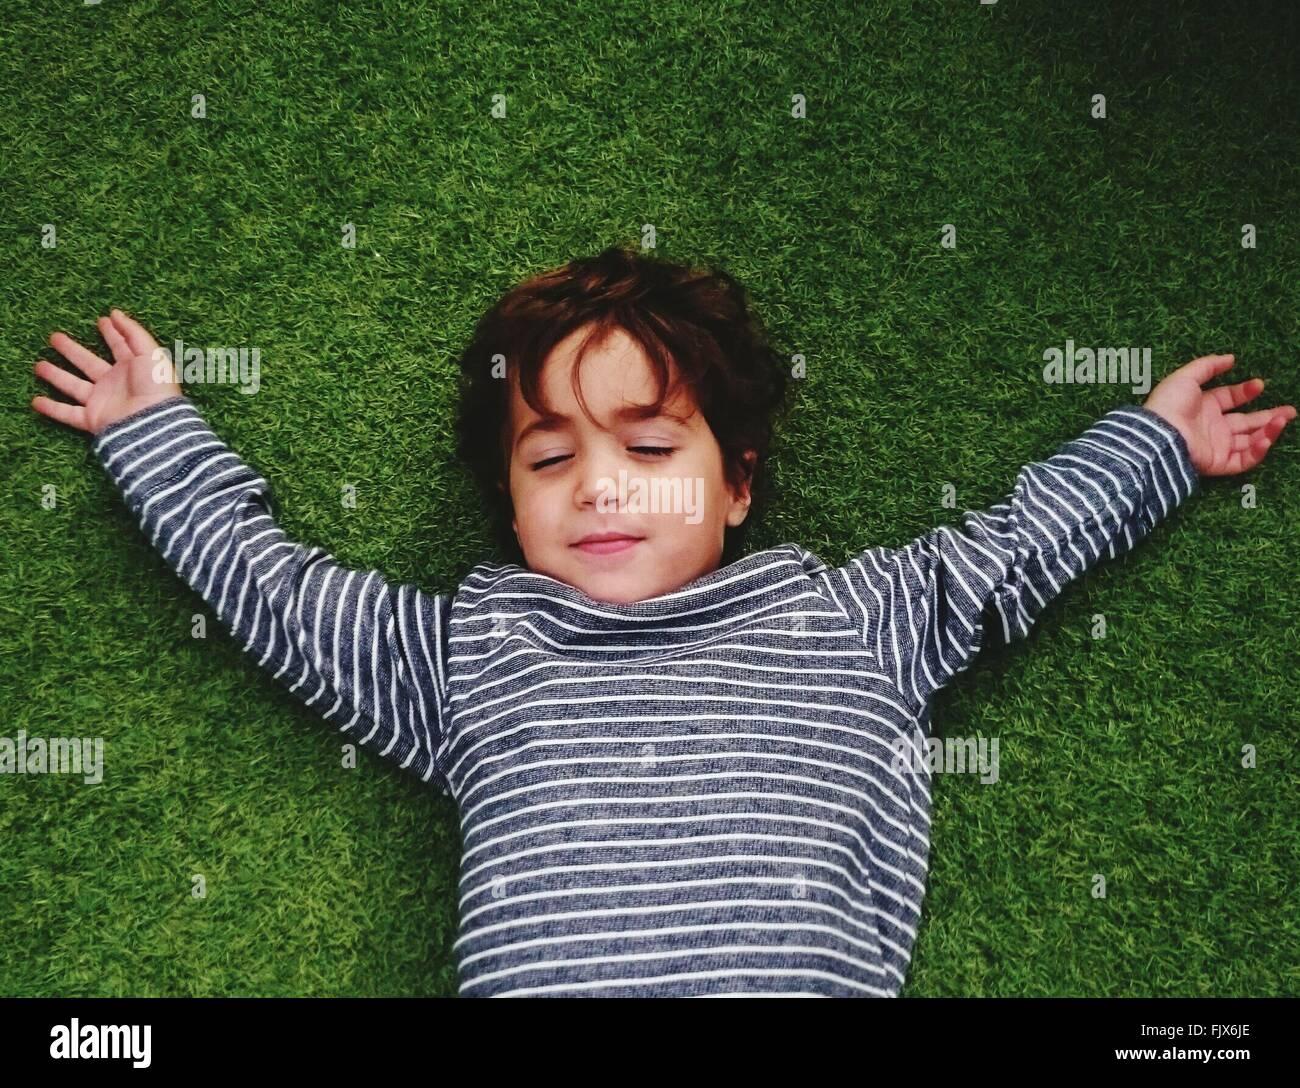 Un alto ángulo de vista de chico lindo descansando sobre césped Imagen De Stock